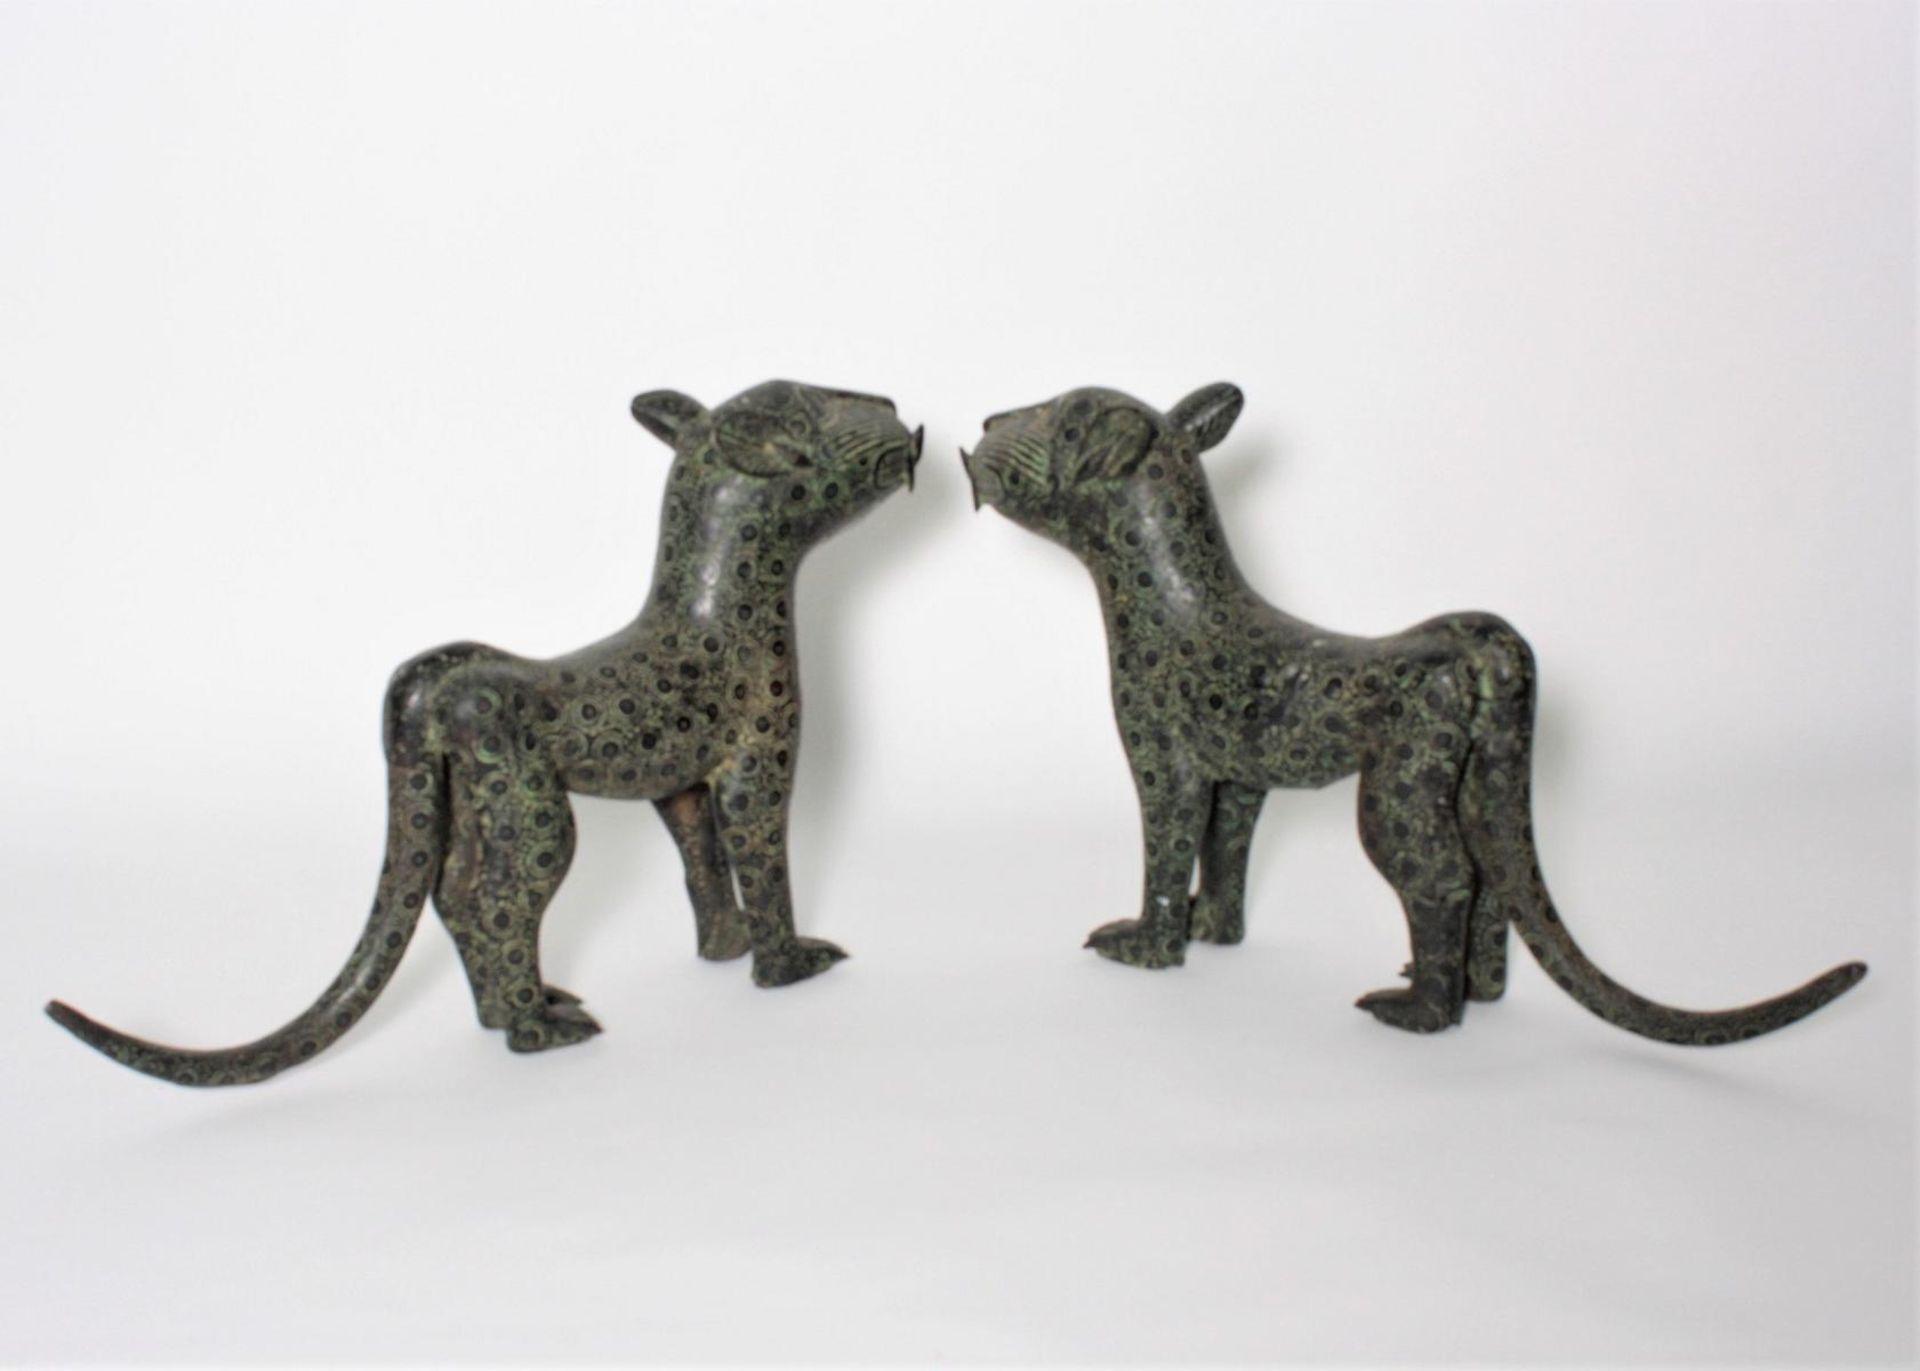 Leoparden Paar, Benin, Nigeria, 1. Hälfte 20. Jh. - Bild 2 aus 3